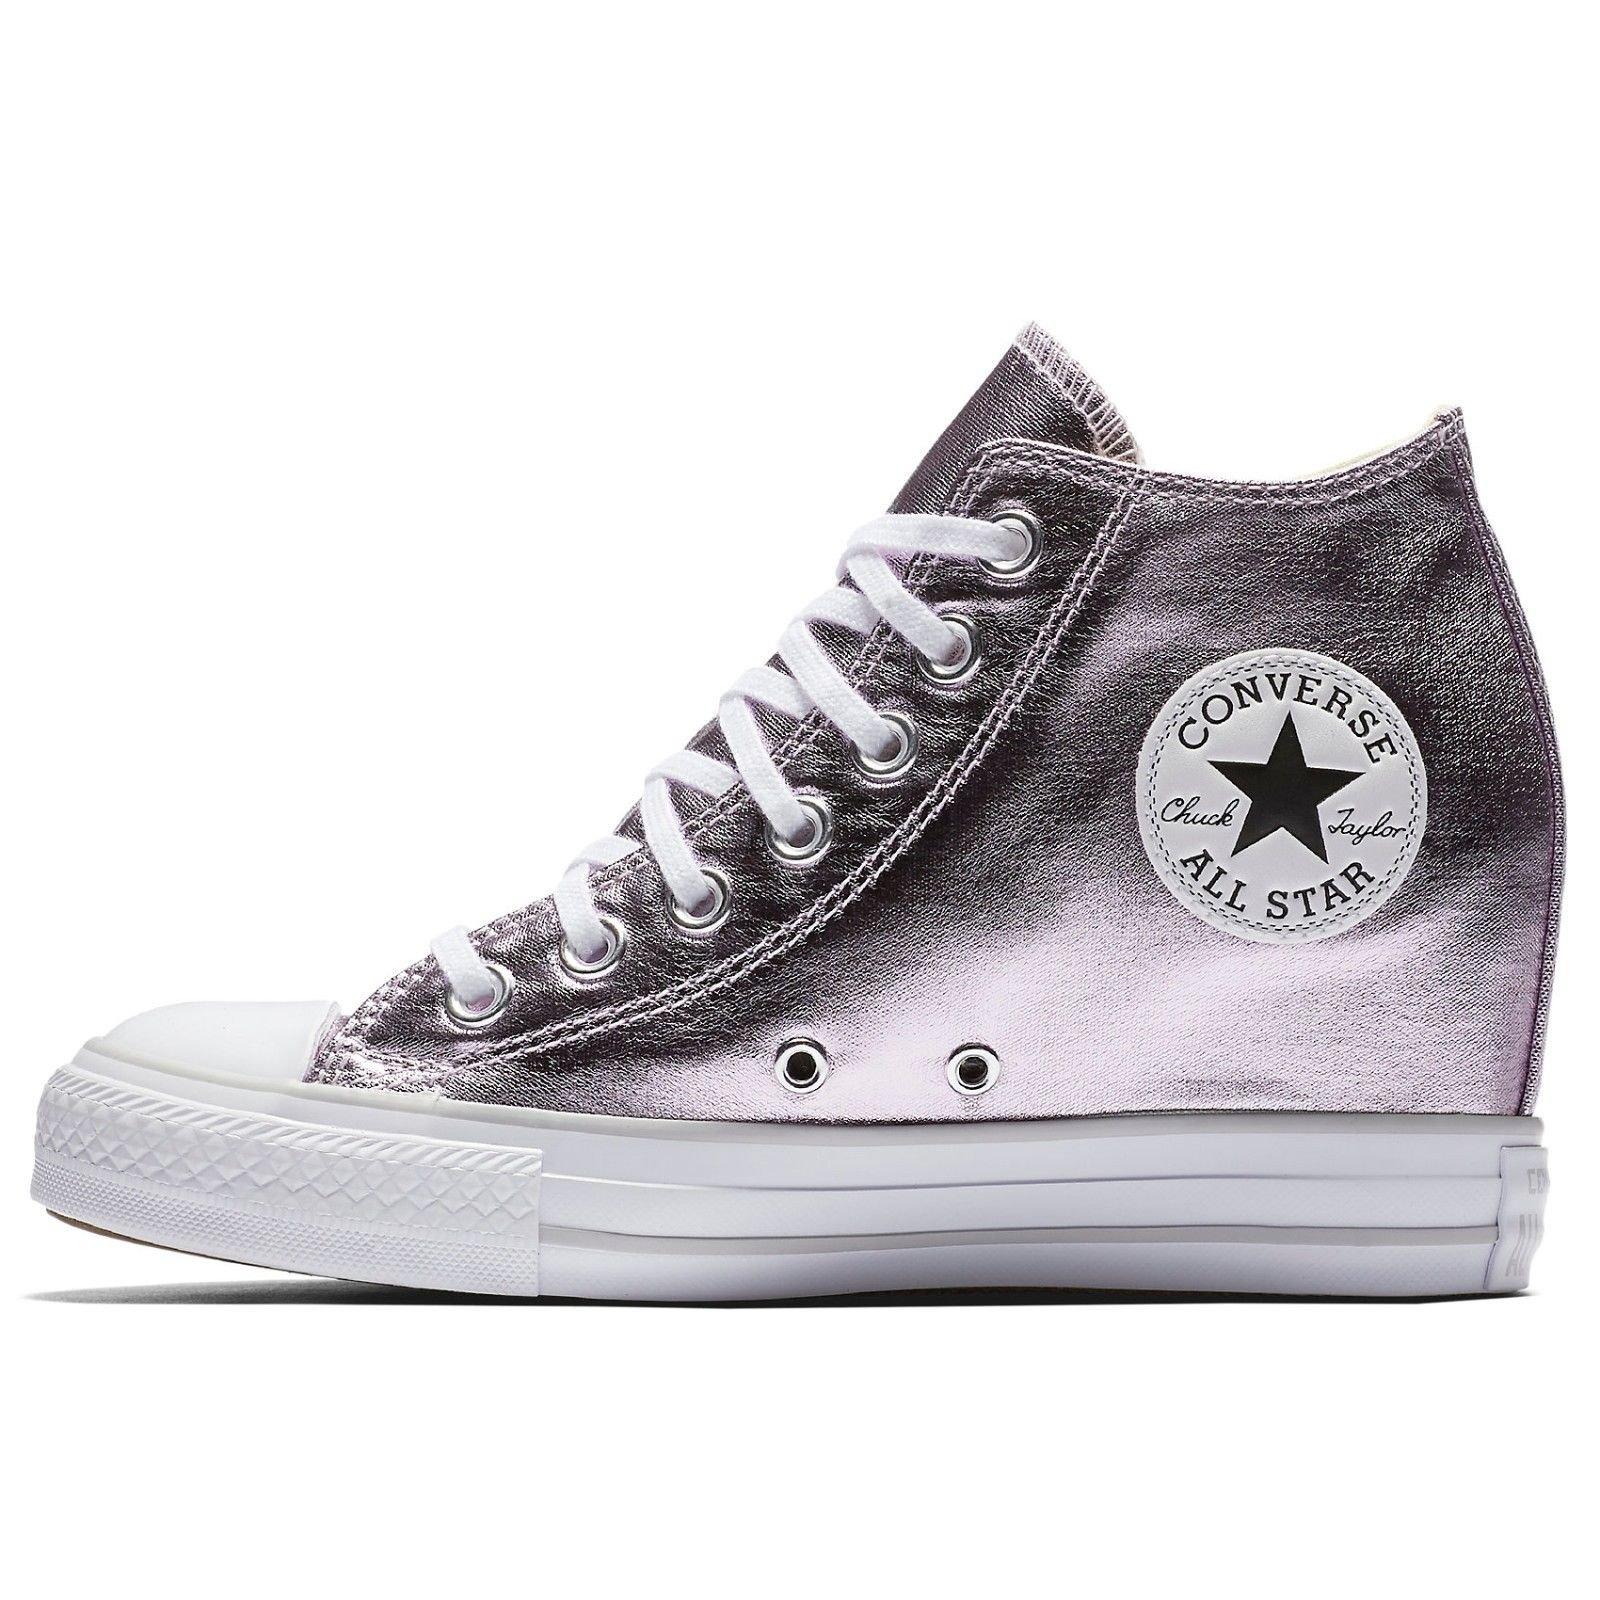 7186b0cf94d0 Converse Women s Chuck Taylor Lux Wedge Sneaker Metallic - Luxury Beauty  Store